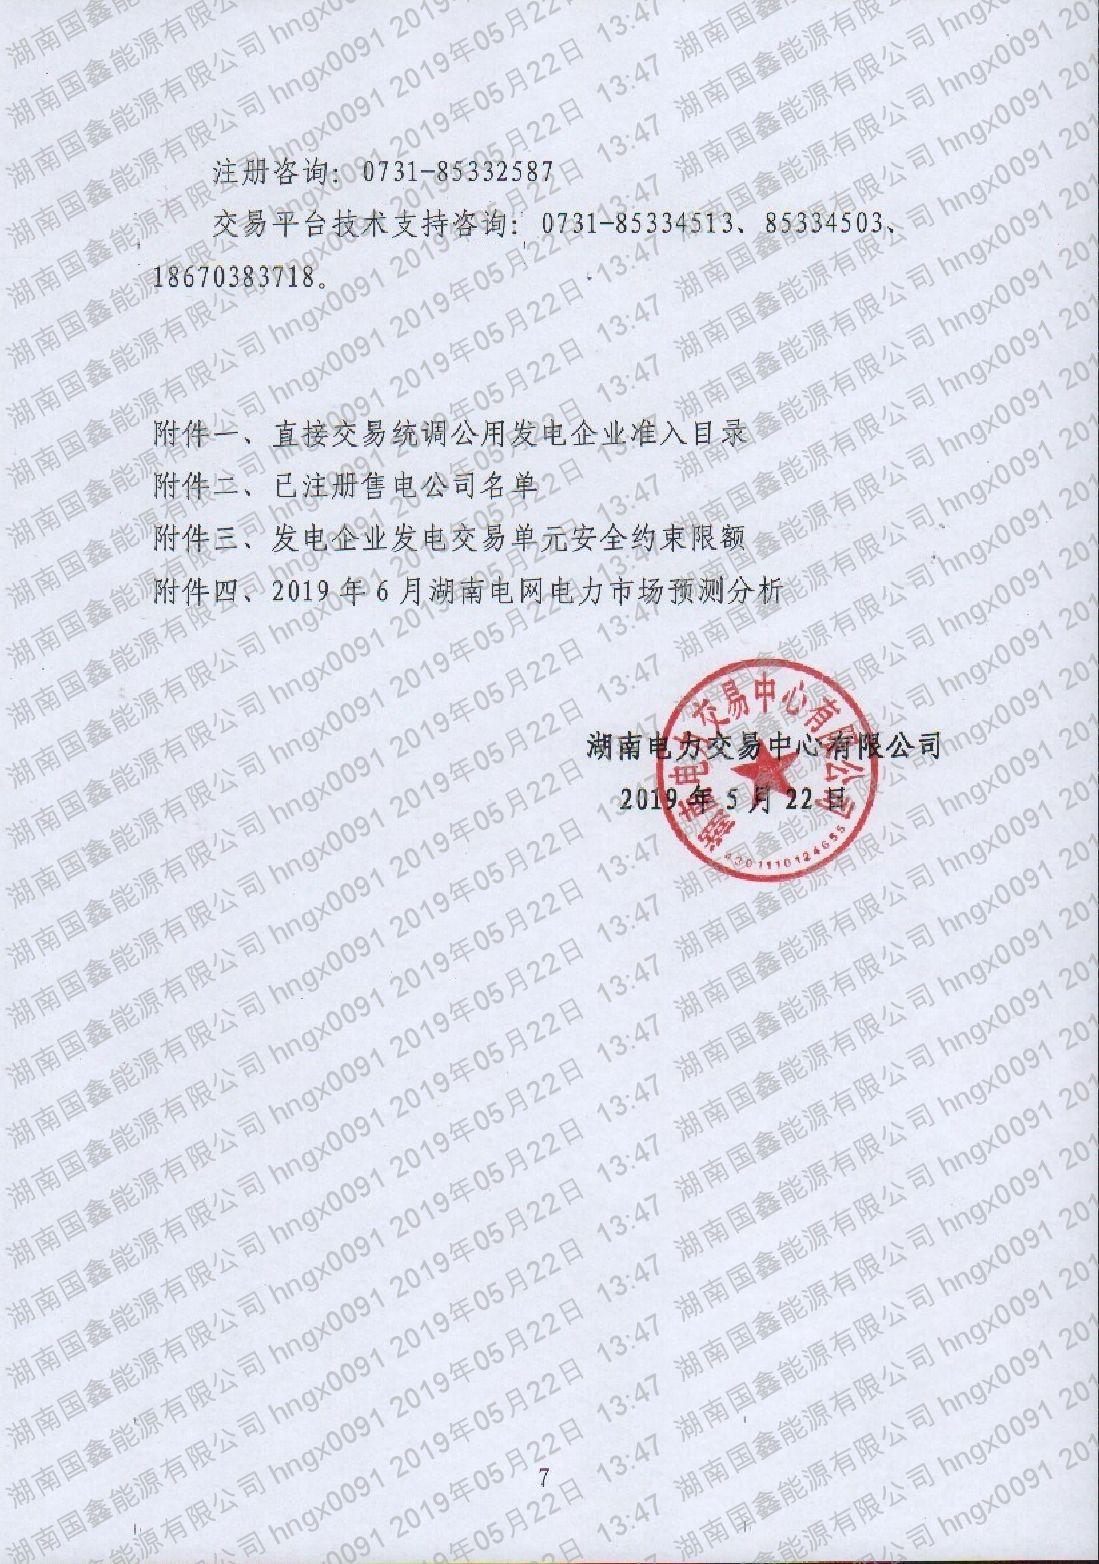 2019年第8號交易公告(6月清潔能源市場交易)(1).pdf_page_7_compressed.jpg